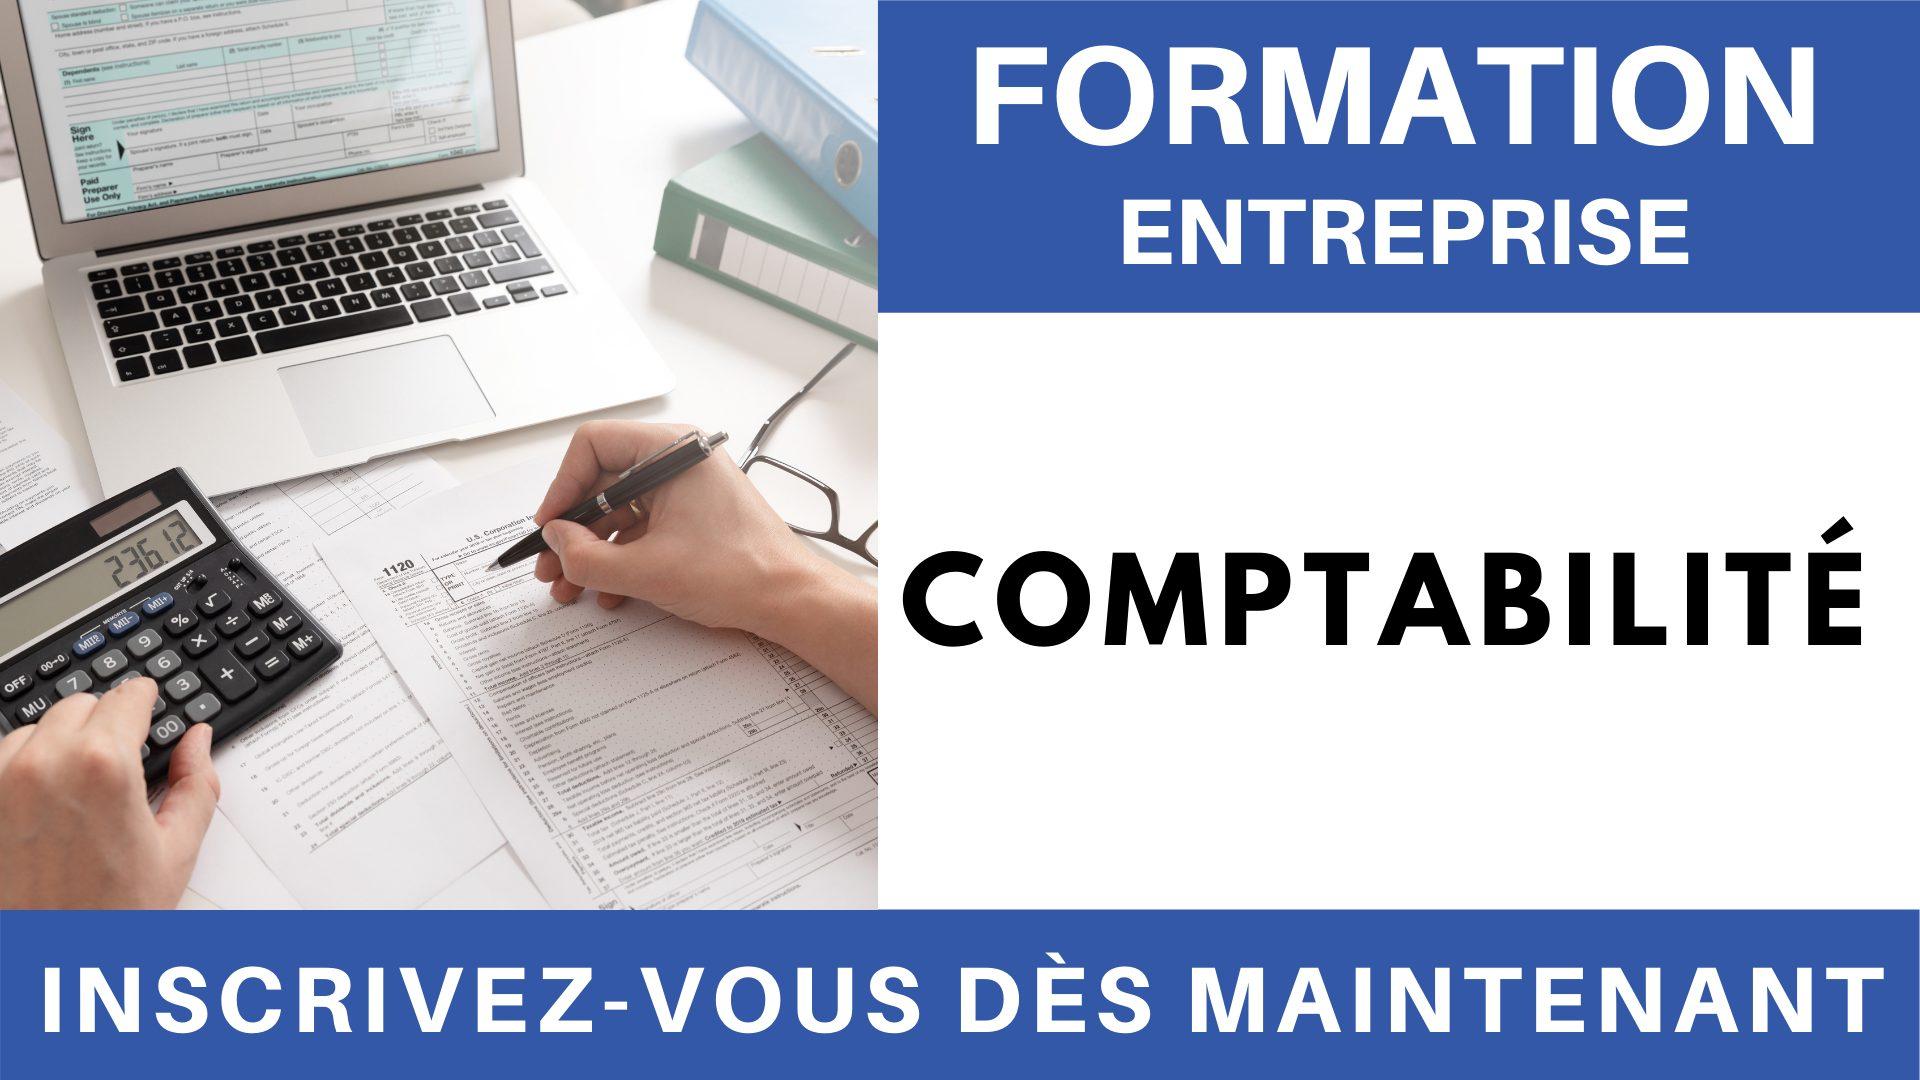 Formation Entreprise - Analyse Comptabilité